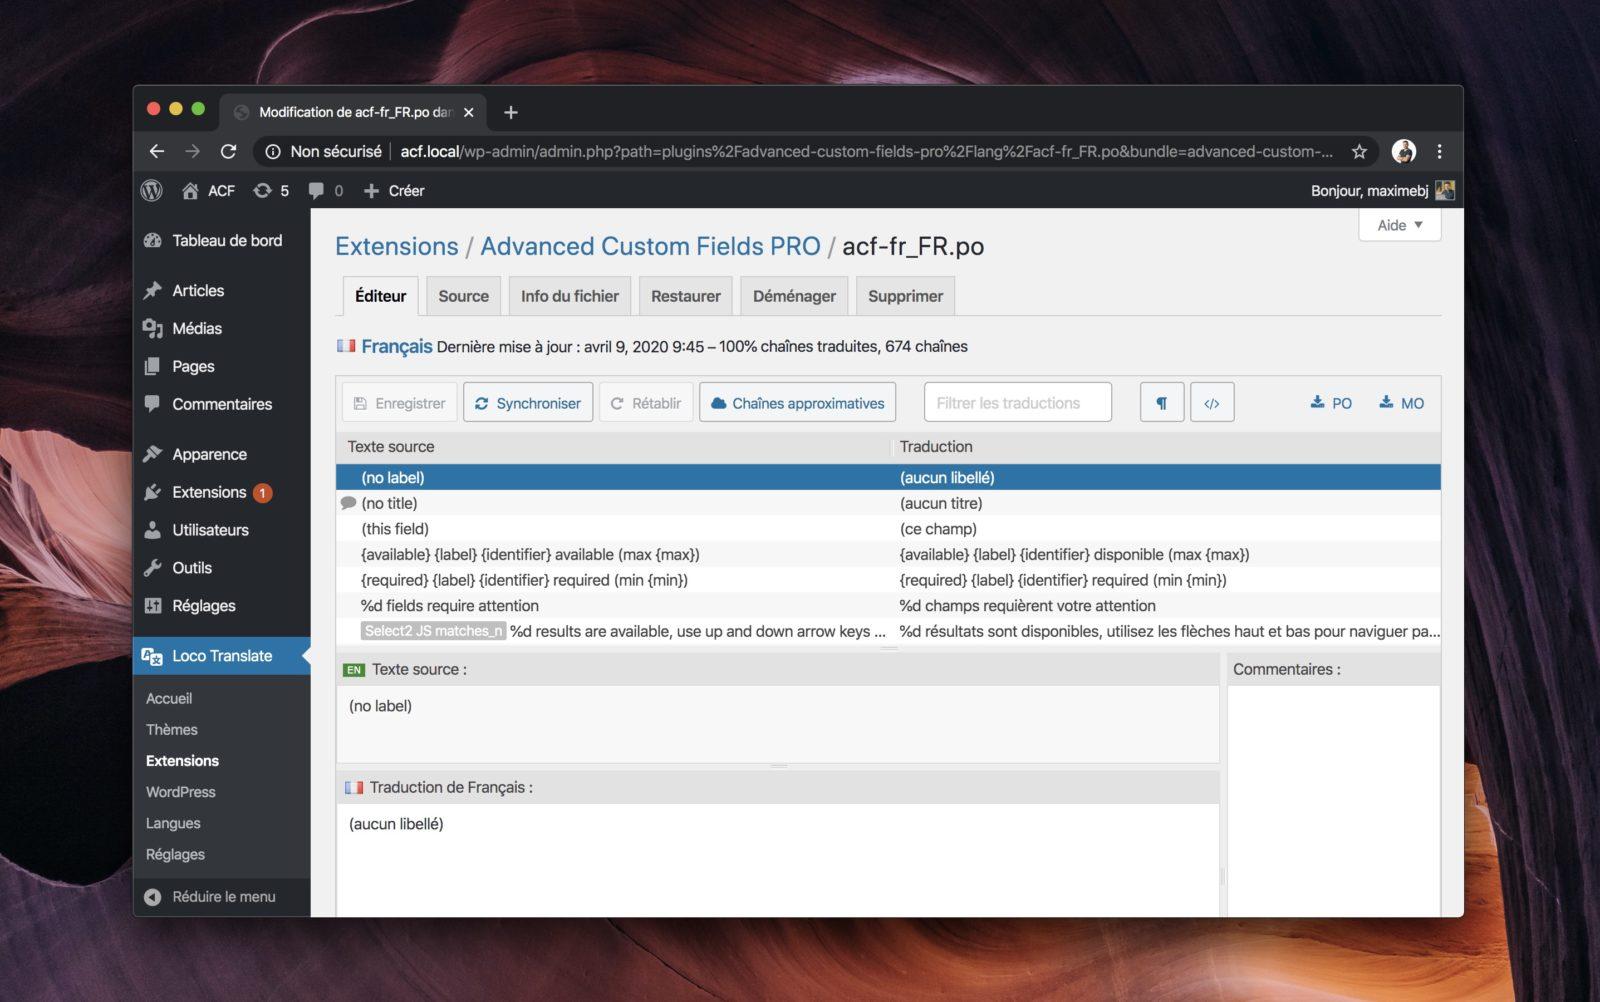 Capture d'écran de l'extension Loco Translate dans WordPress